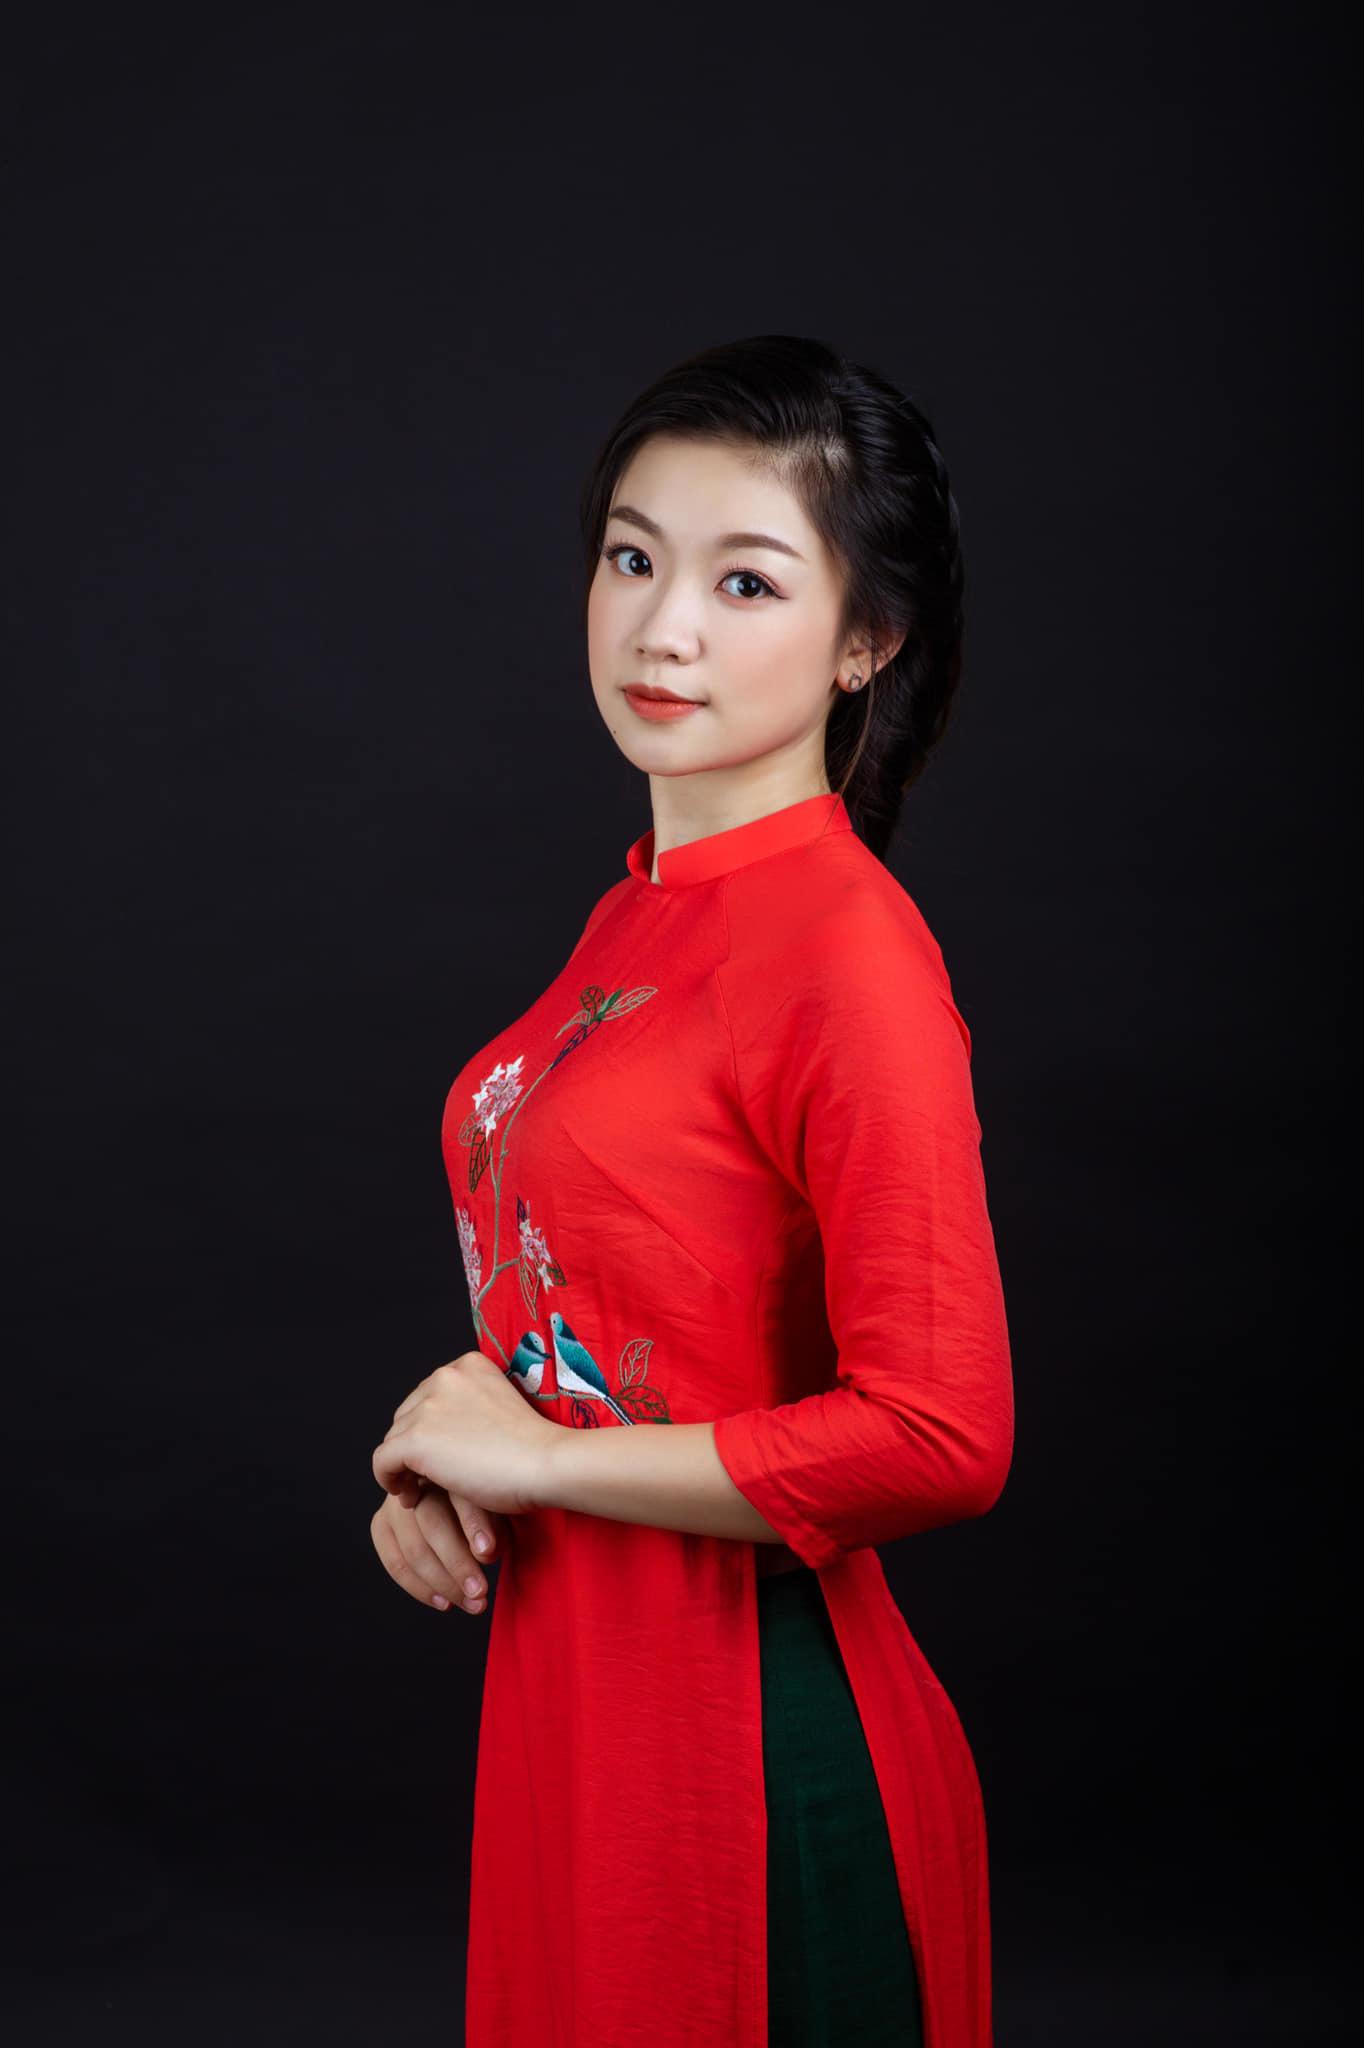 Con gái xinh đẹp của cặp vợ chồng nghệ sĩ Thu Quế - Phạm Cường